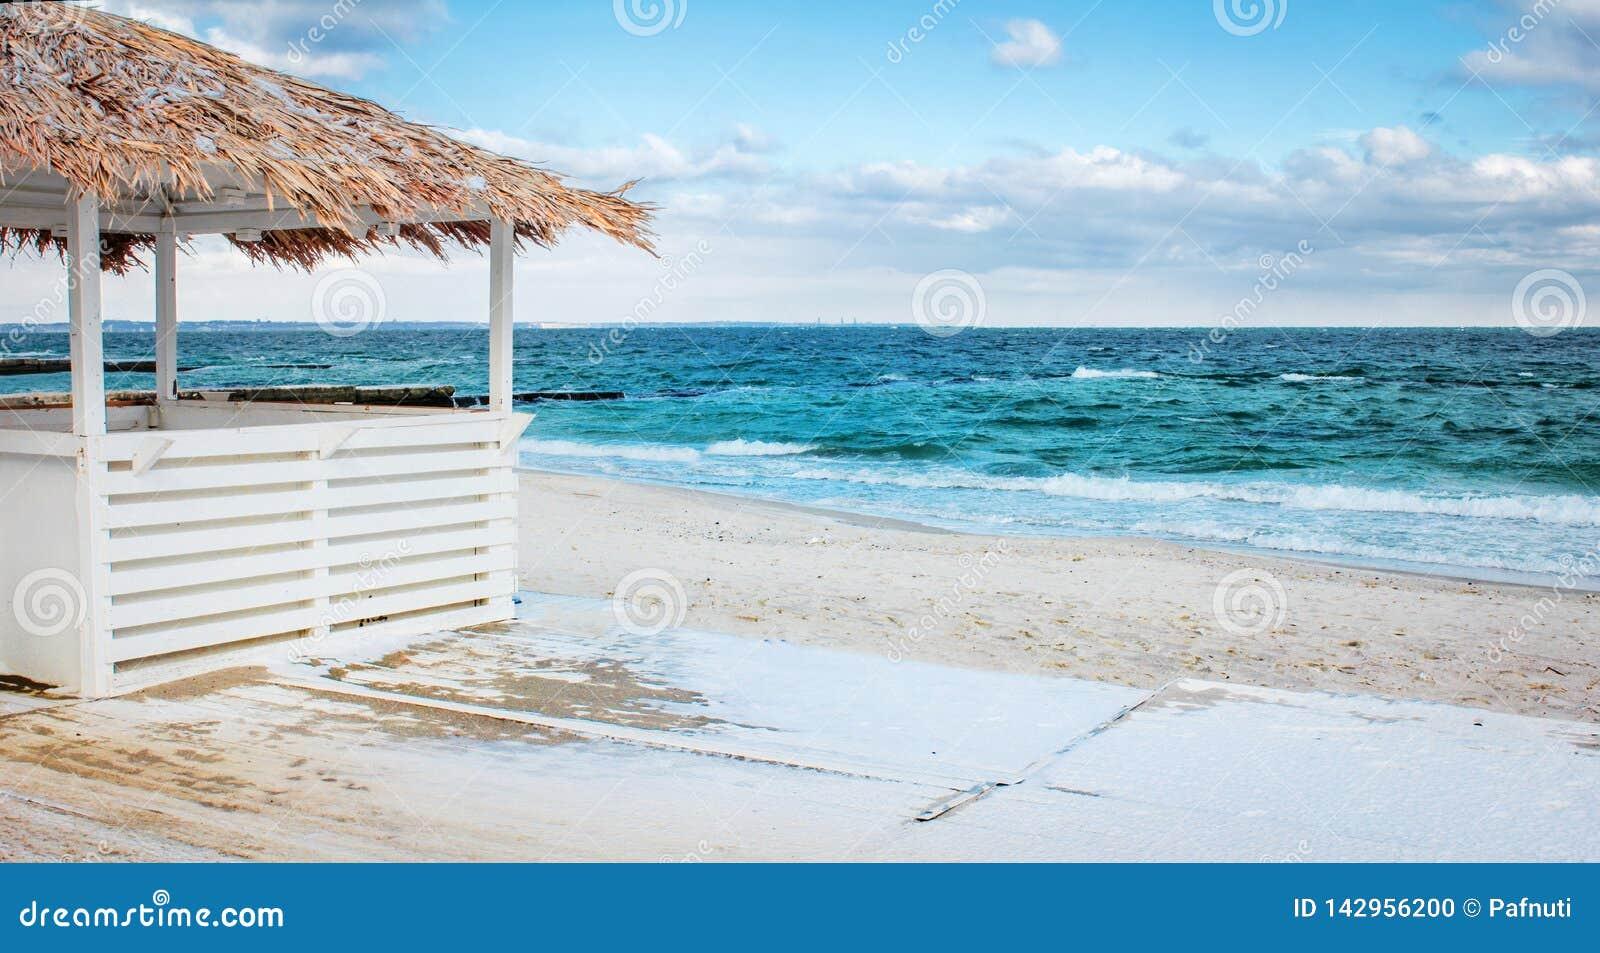 Bungalow på en sandig strand vid havet